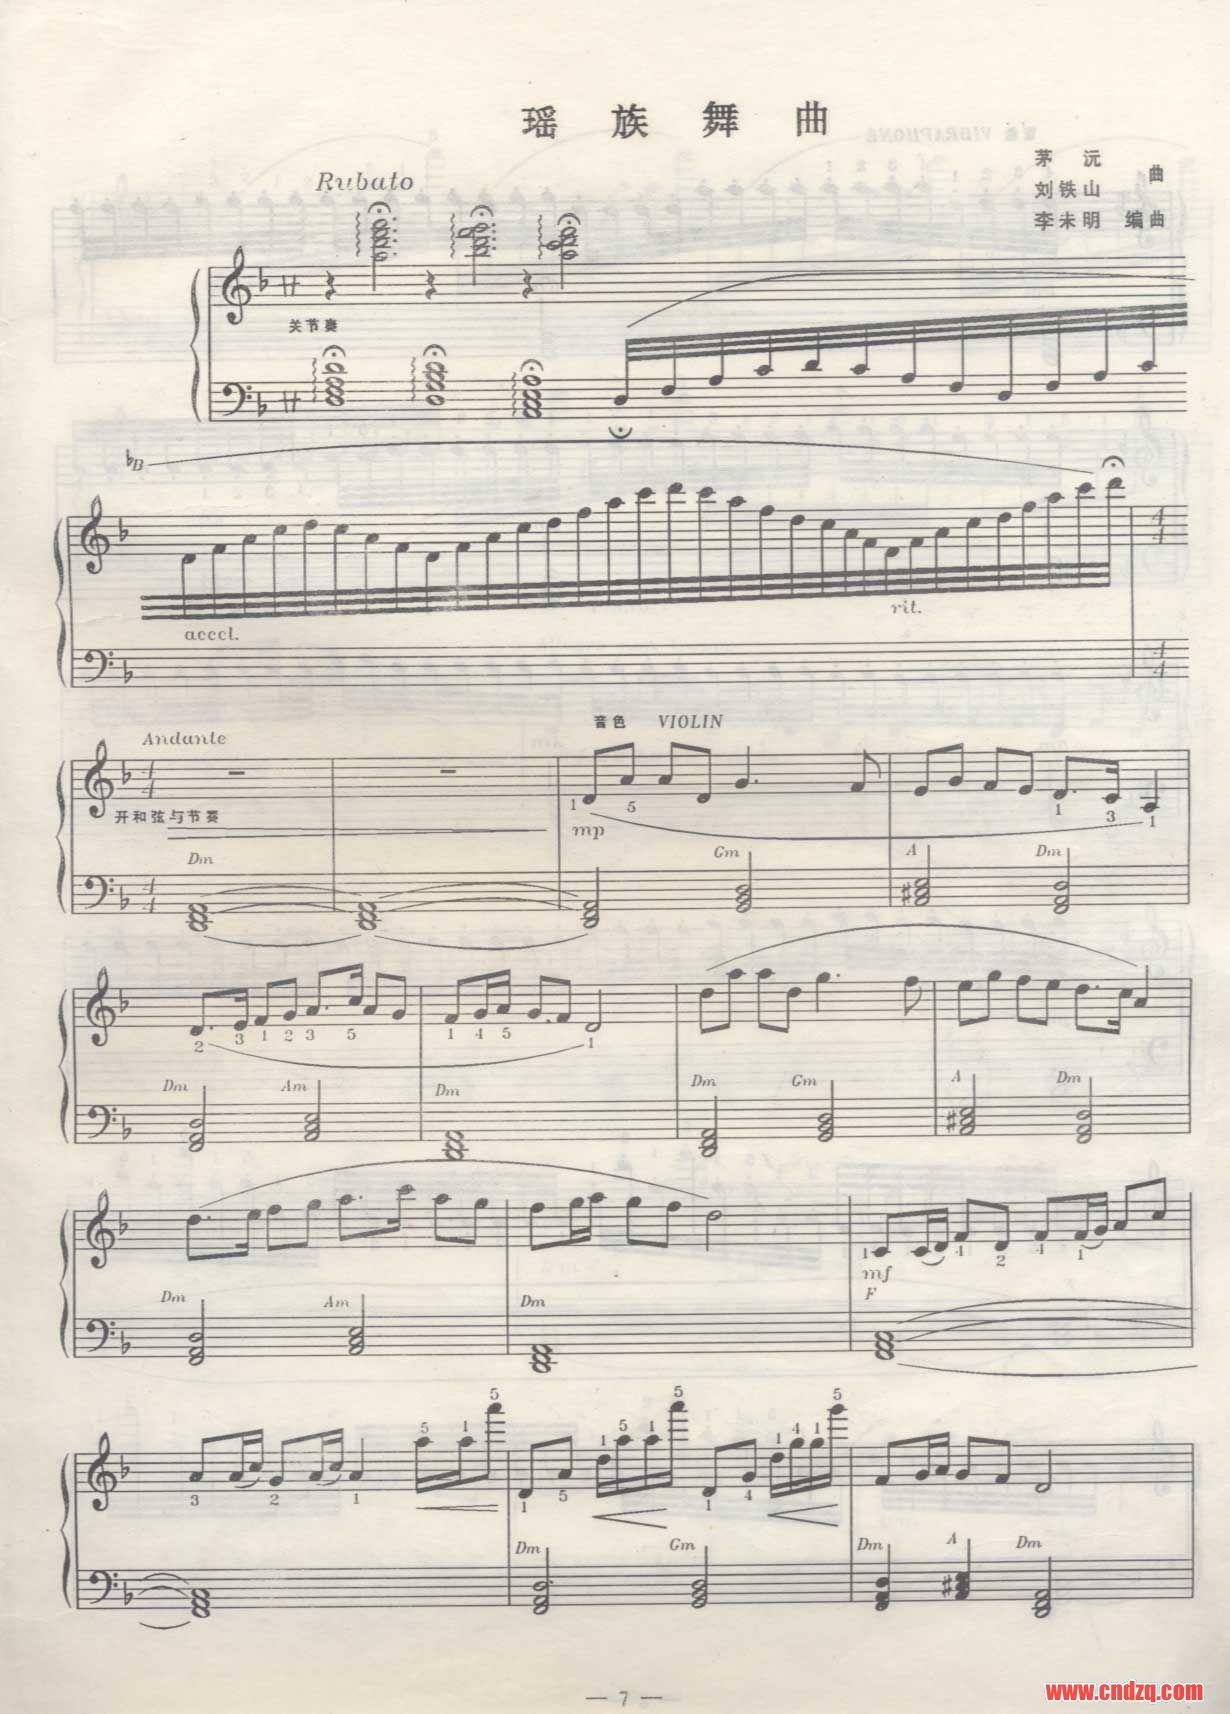 《吉普赛之歌》《瑶族舞曲》